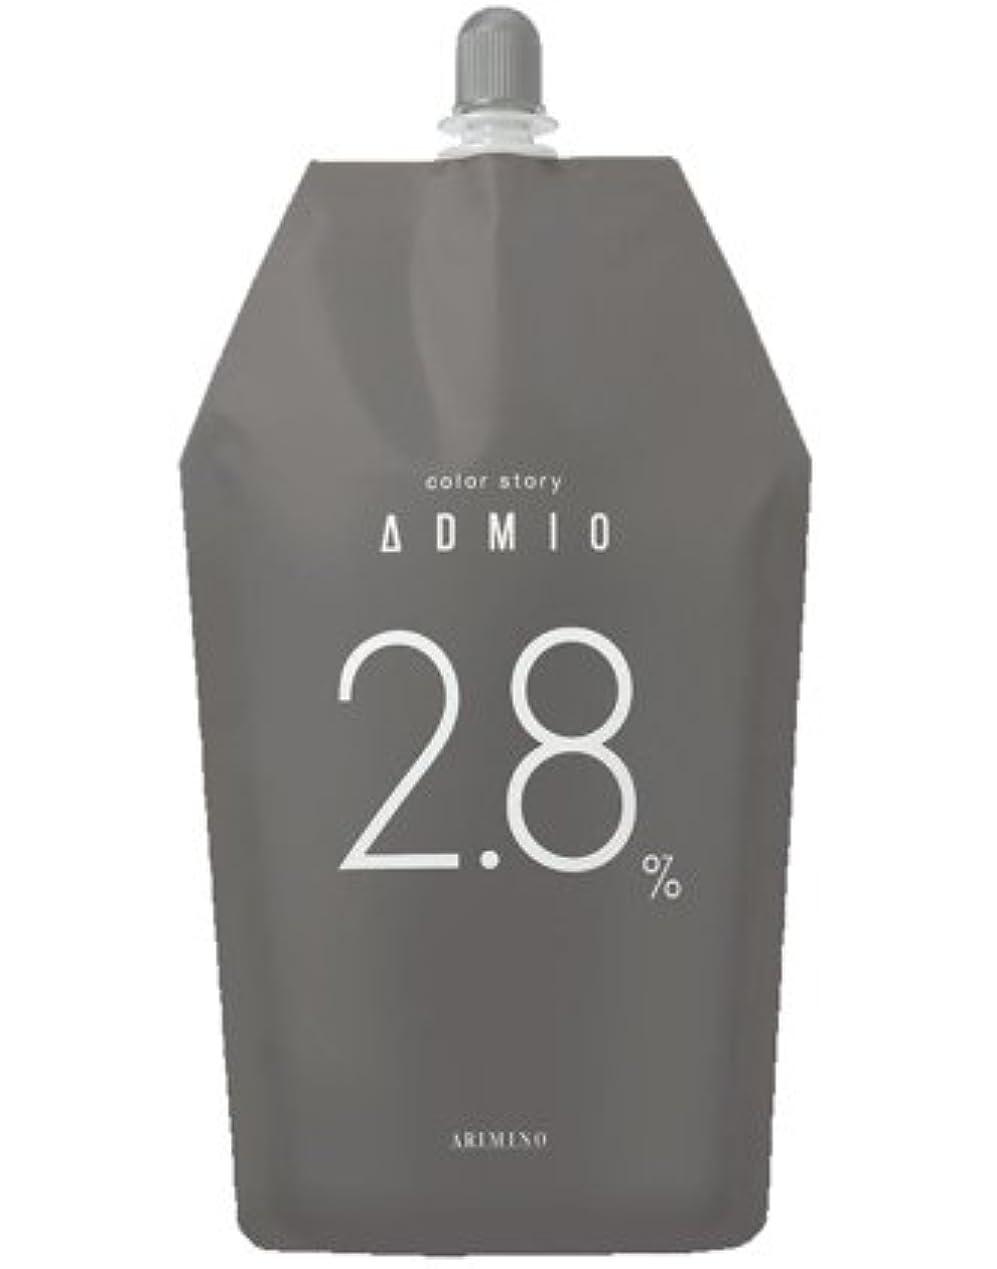 世界に死んだいま怒り【アリミノ】カラーストーリー アドミオ OX 2.8% 1000ml